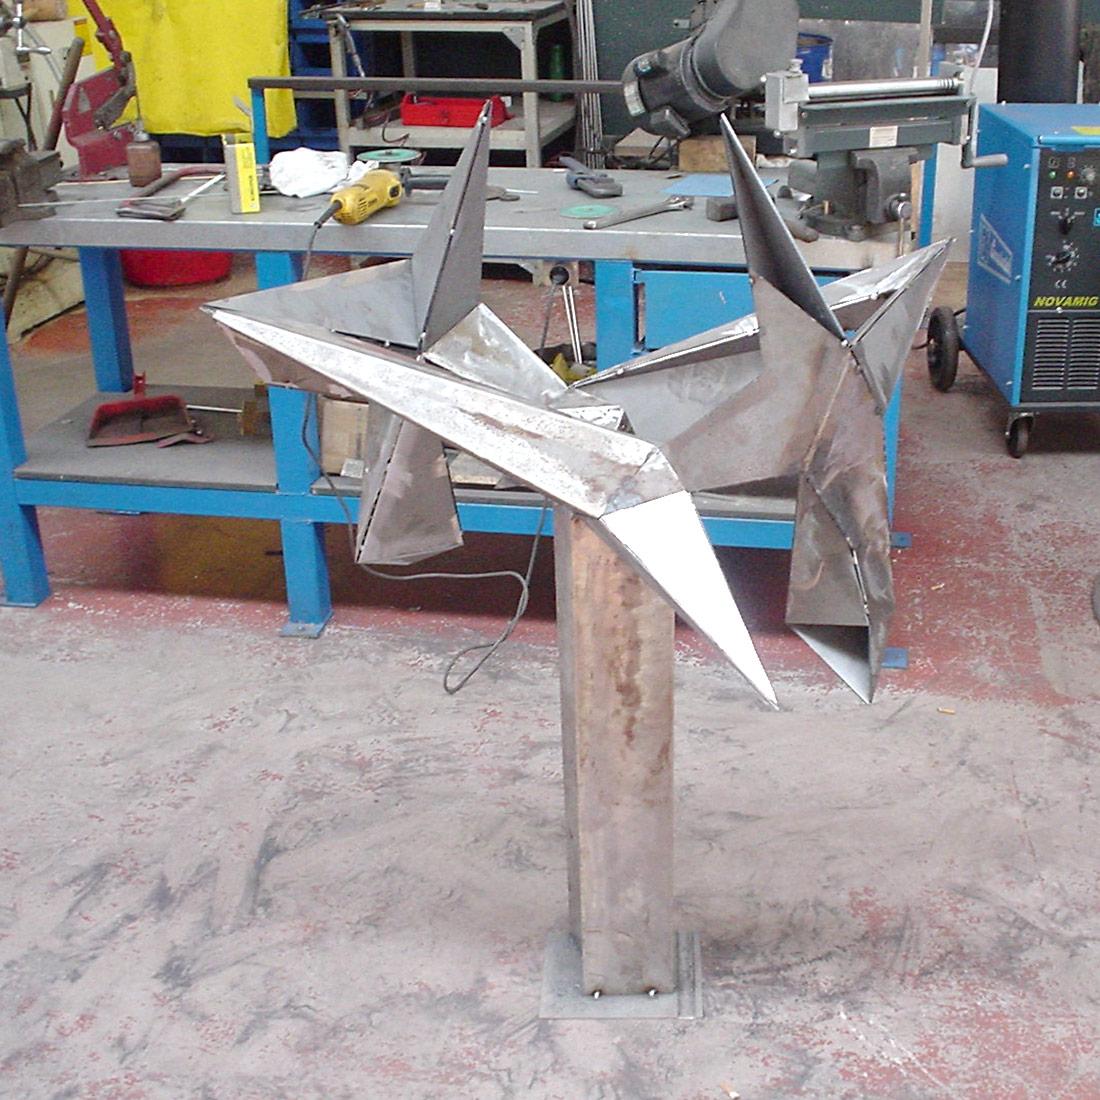 gadget-fugrup-escultura-arte-metal_02